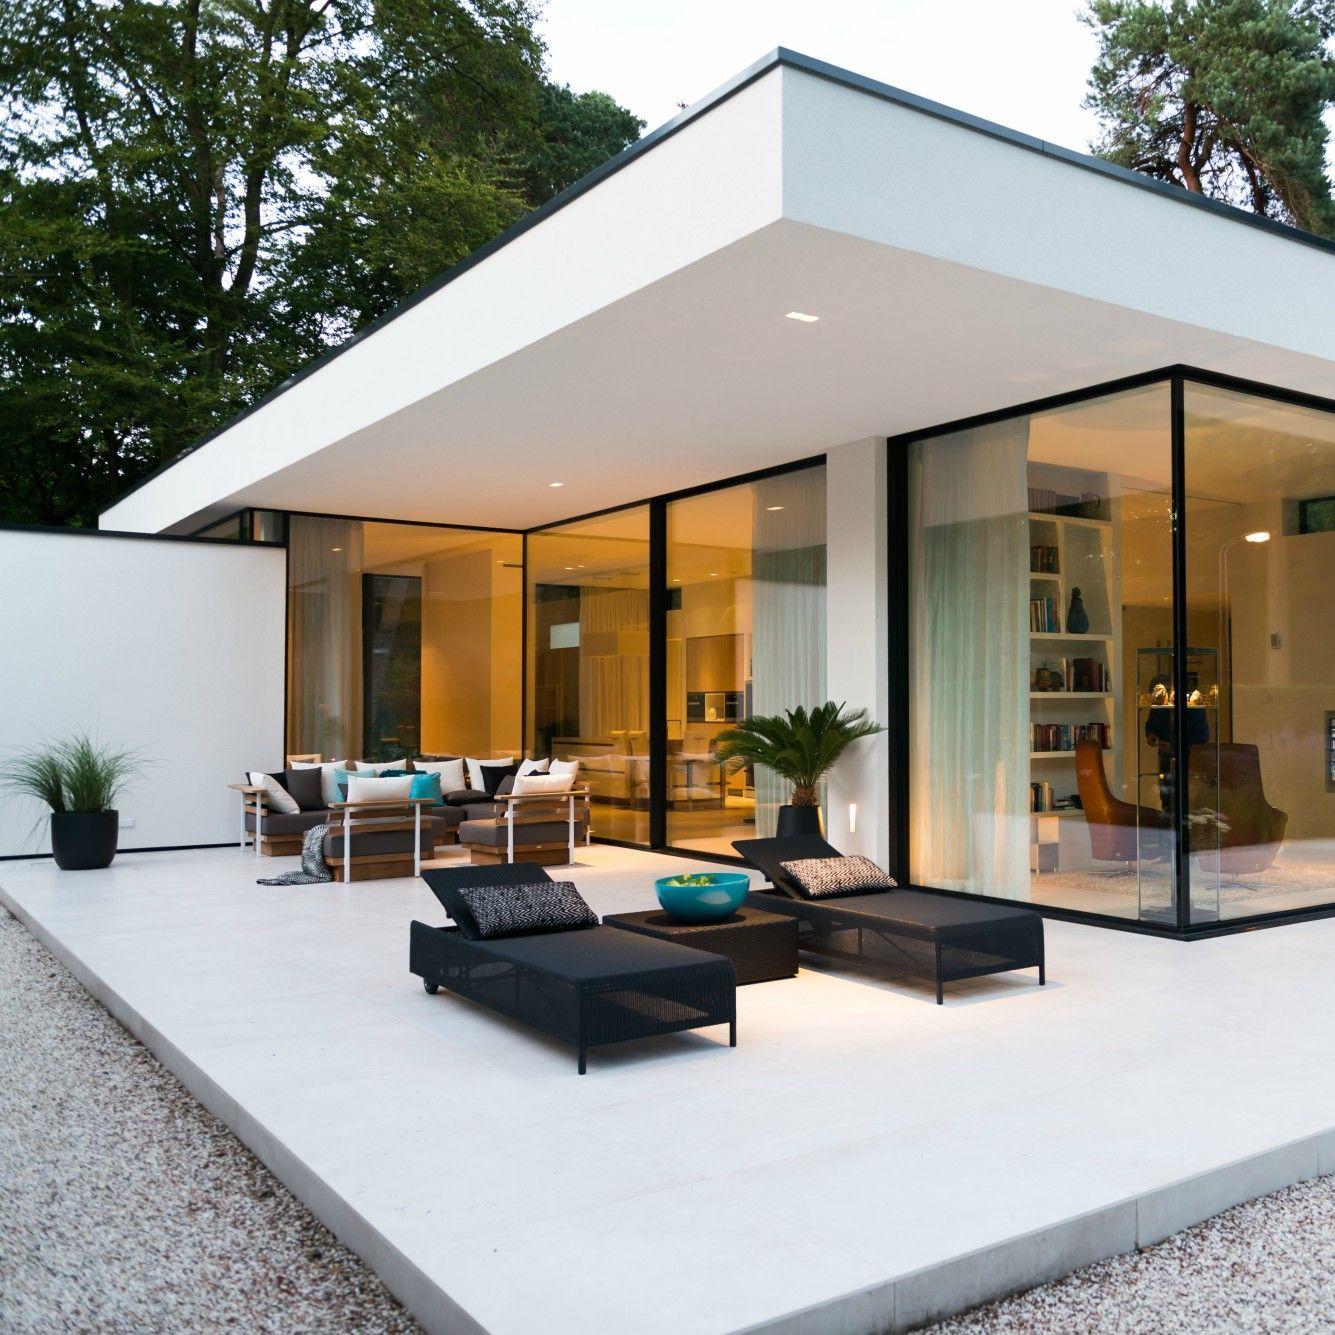 Leem wonen keek binnen bij een bijzonderen moderne bungalow in ermelo van boxxis architecten kijk je mee naar dit prachtige ontwerp architecture